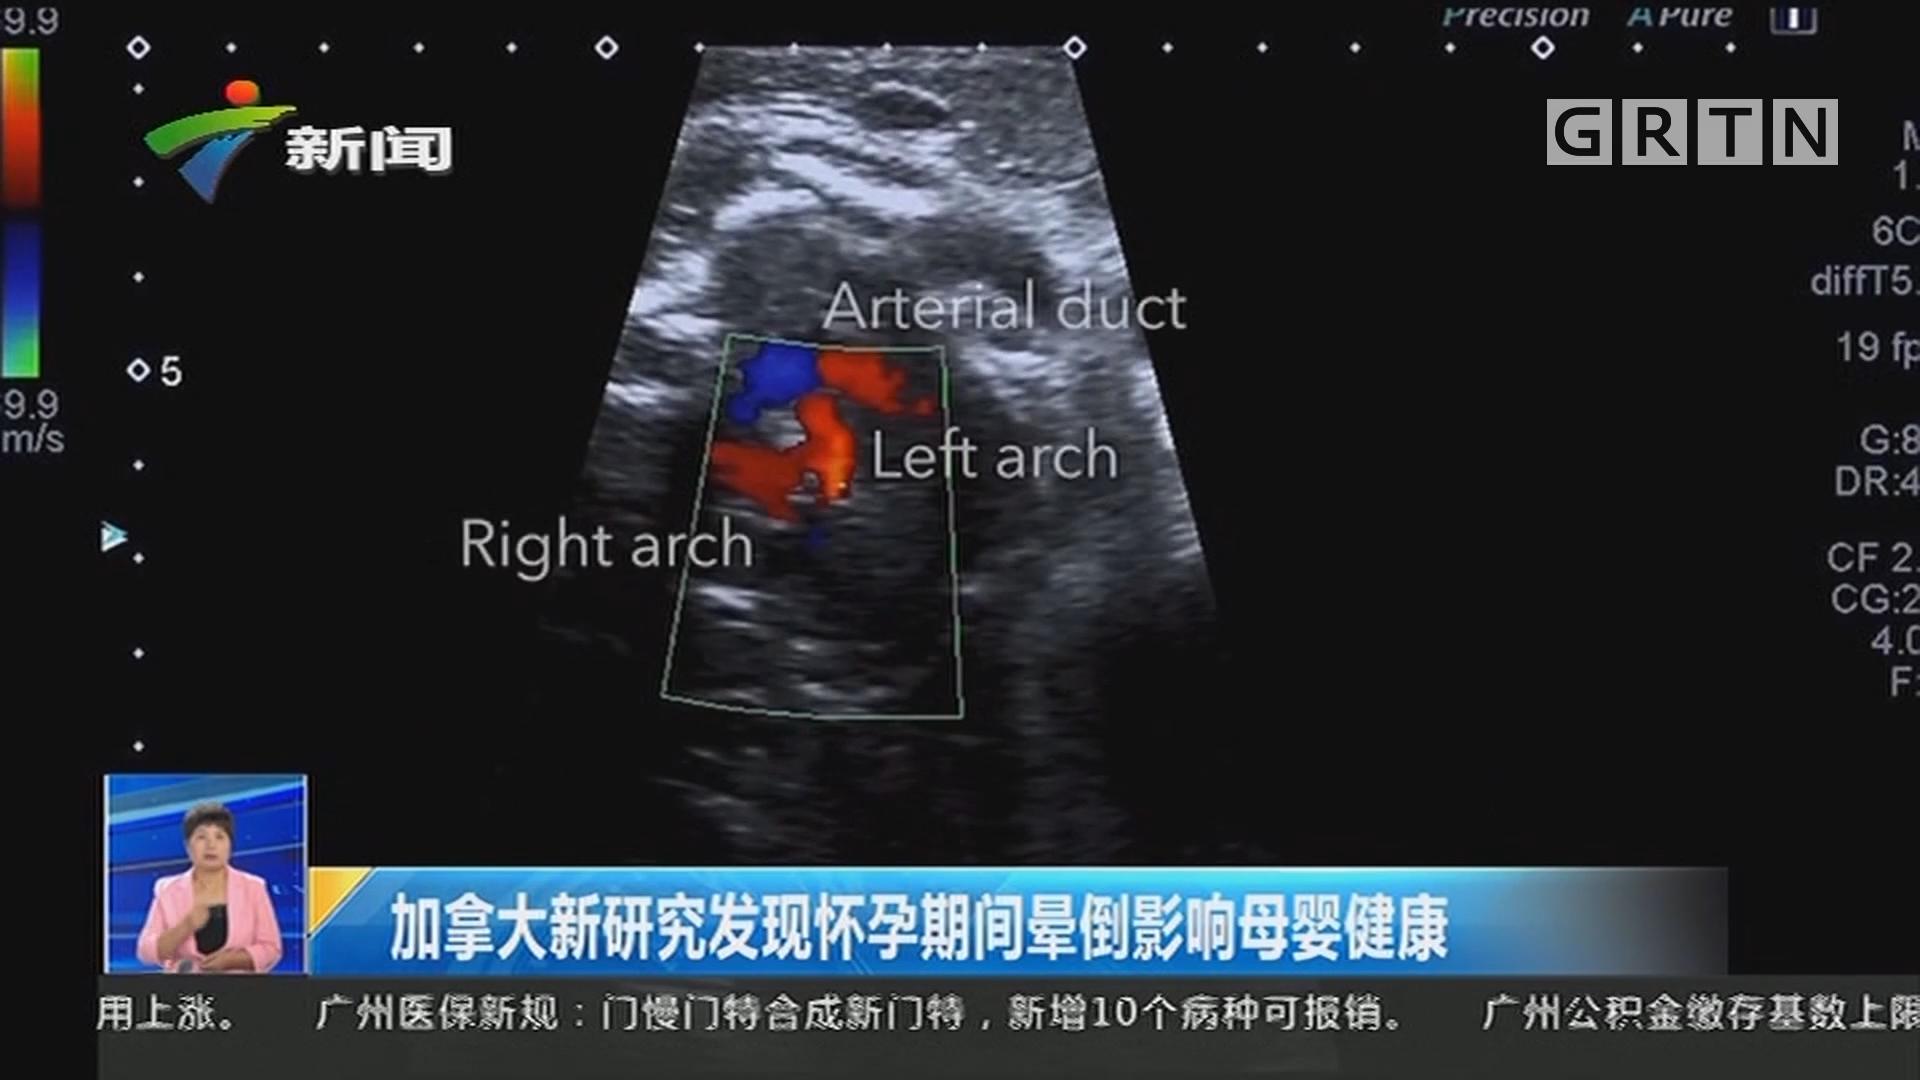 加拿大新研究发现怀孕期间晕倒影响母婴健康